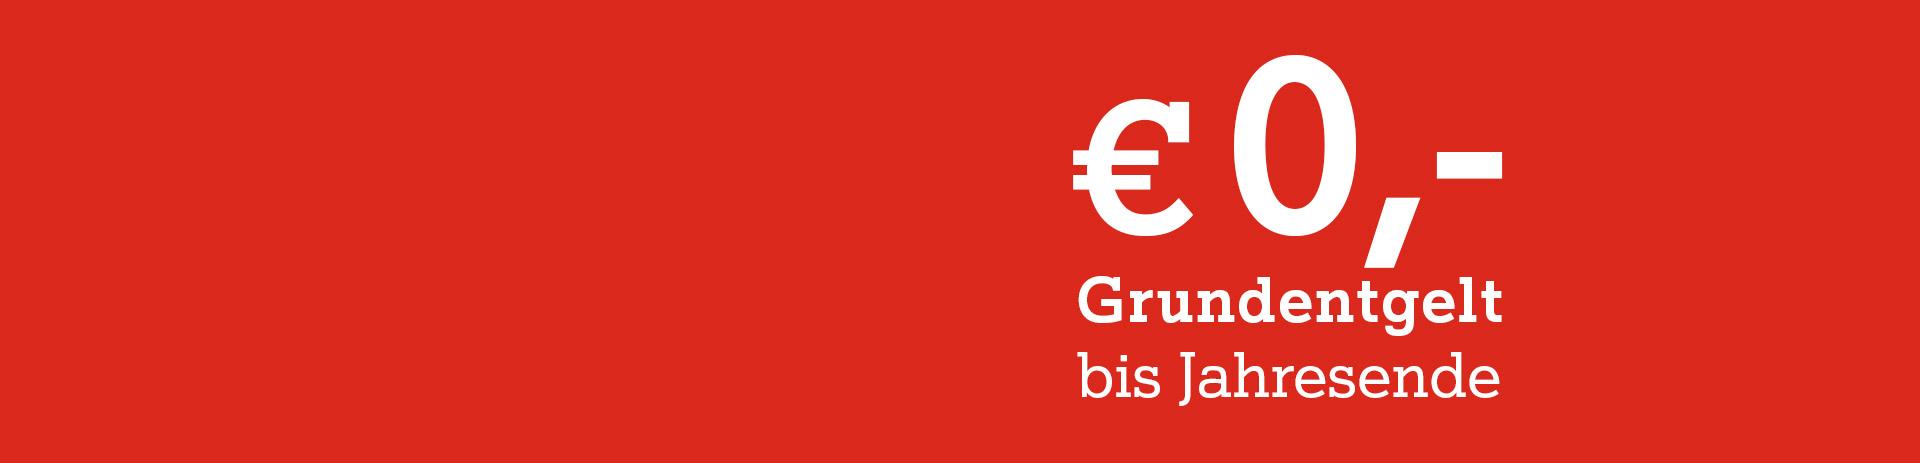 €0,- bis Jahresende